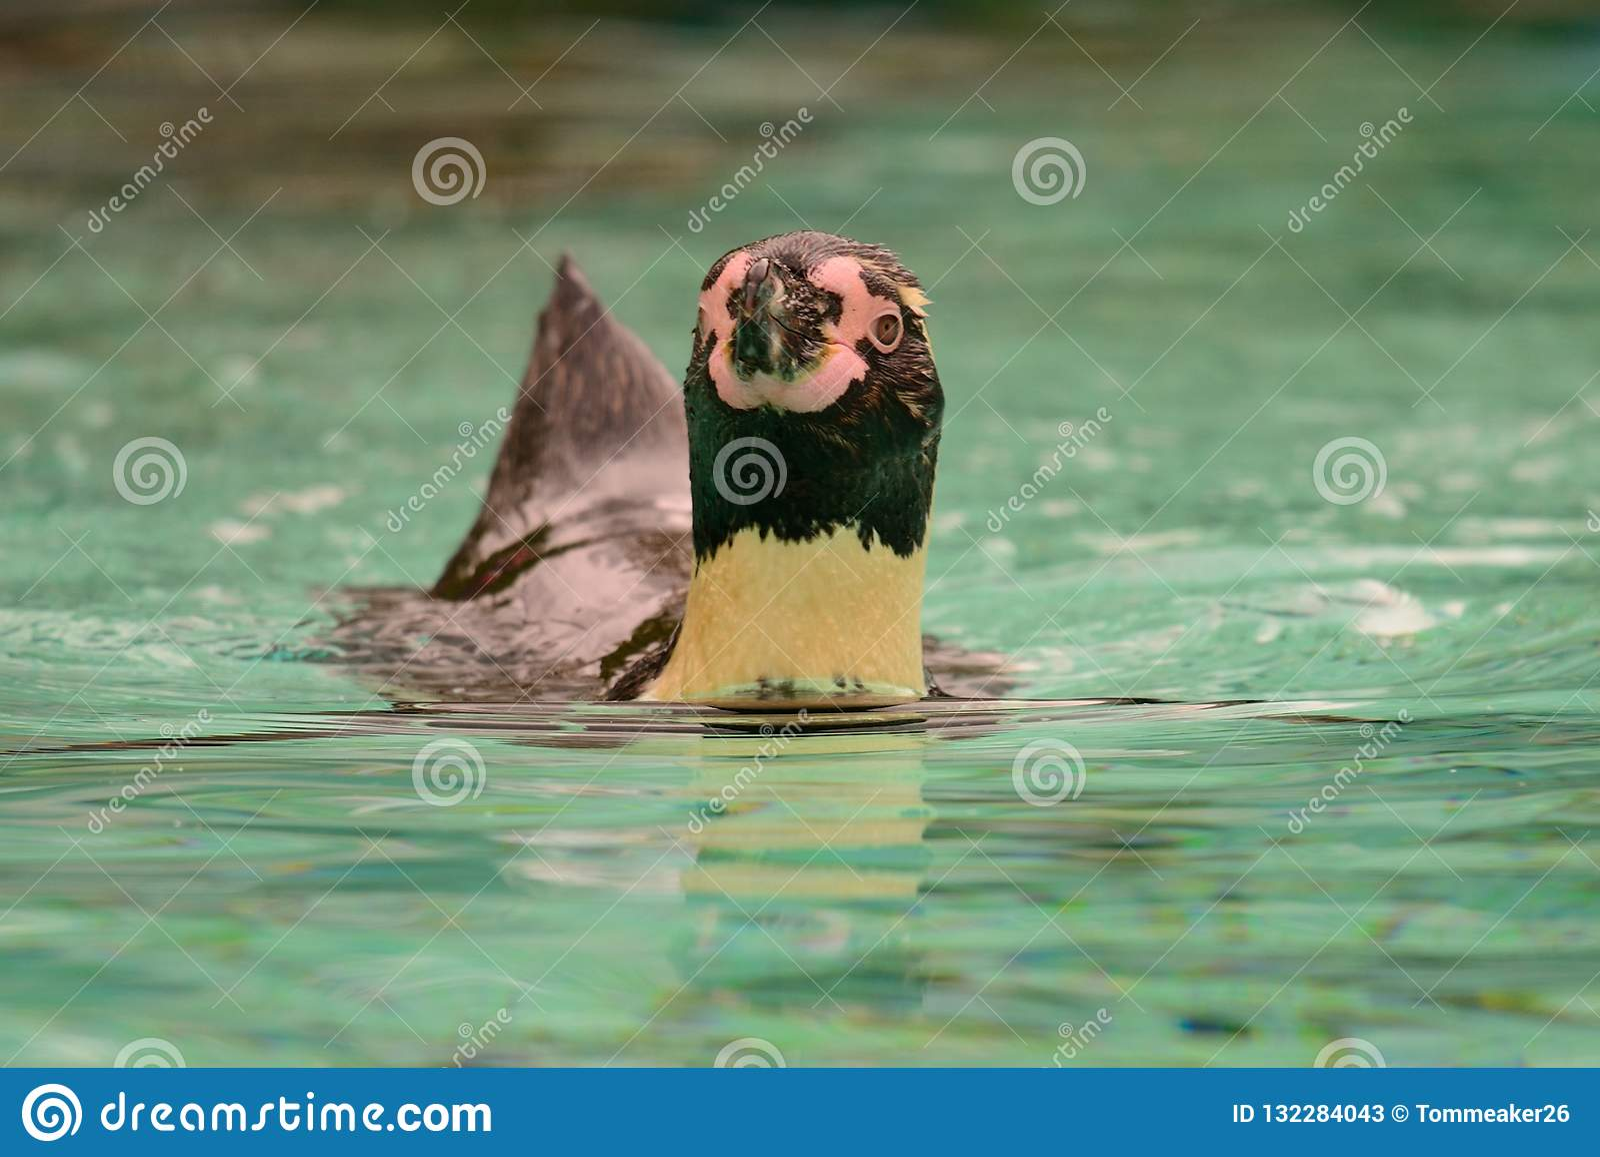 Humboldti spheniscus пингвина Гумбольдта